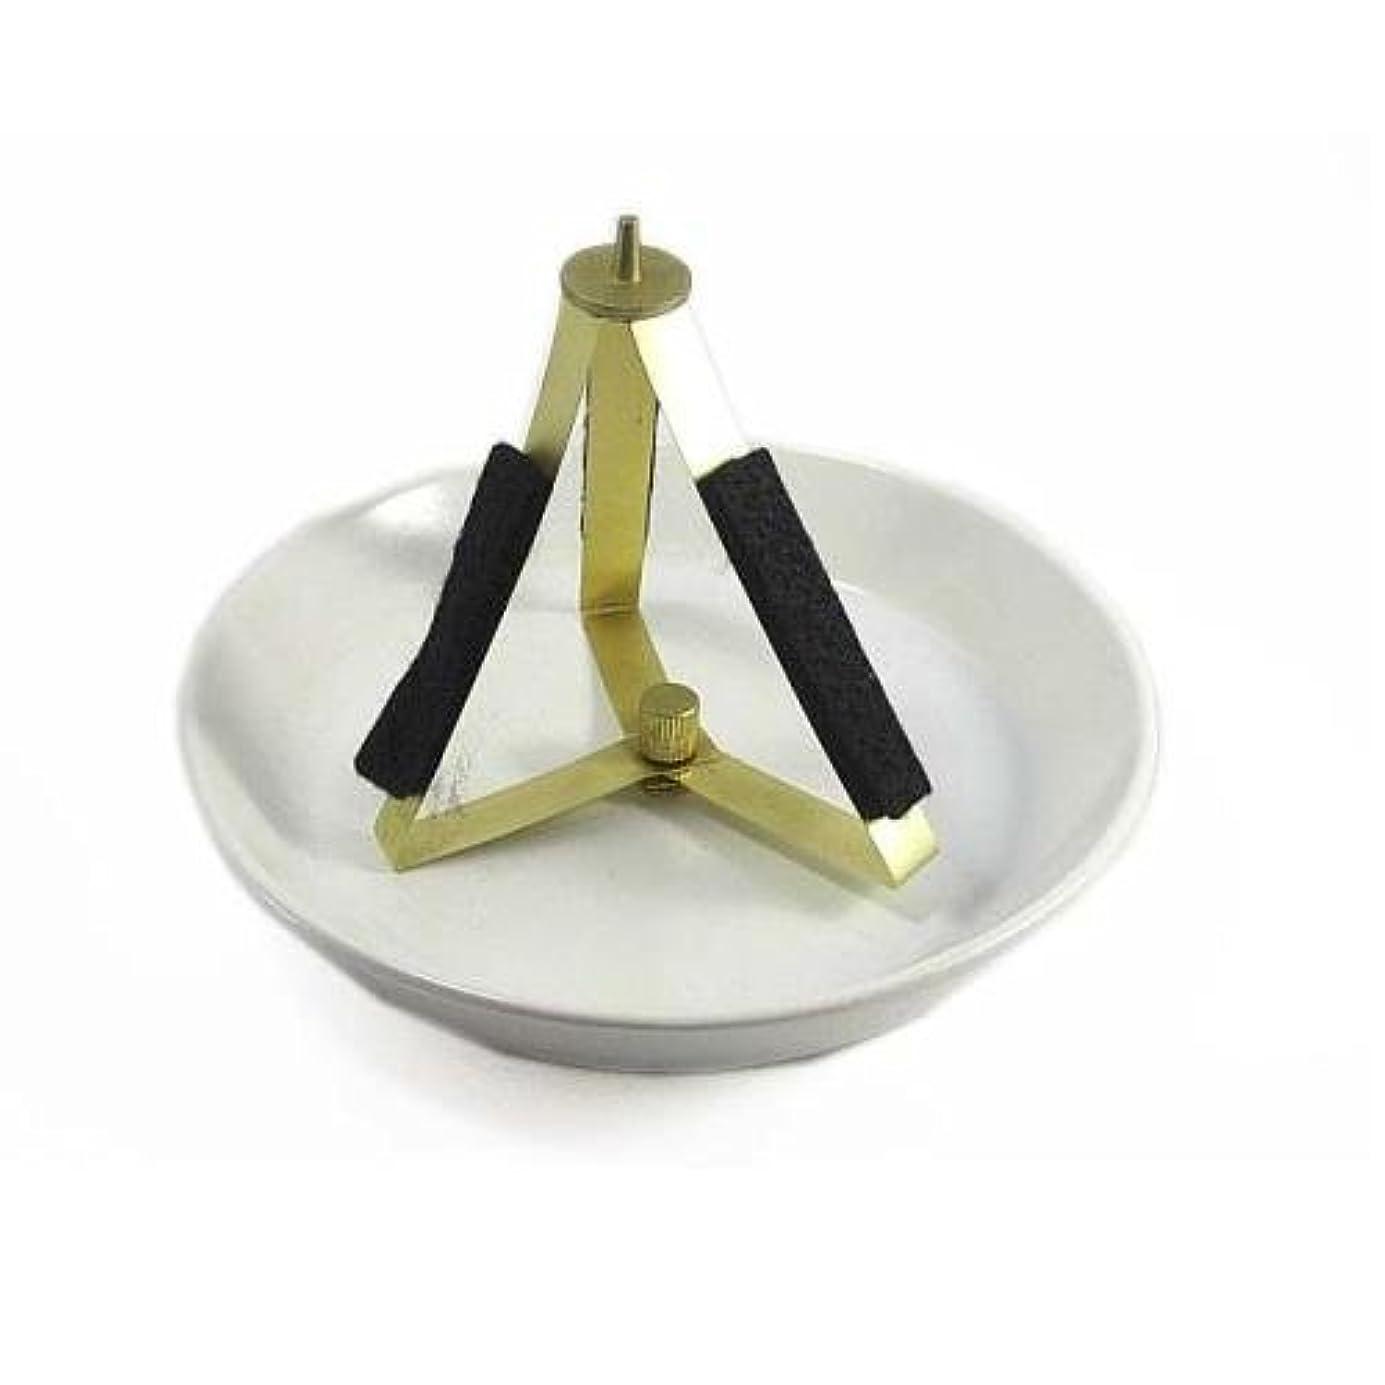 に渡ってインタネットを見るコマースうずまき用陶製置き台 法喜